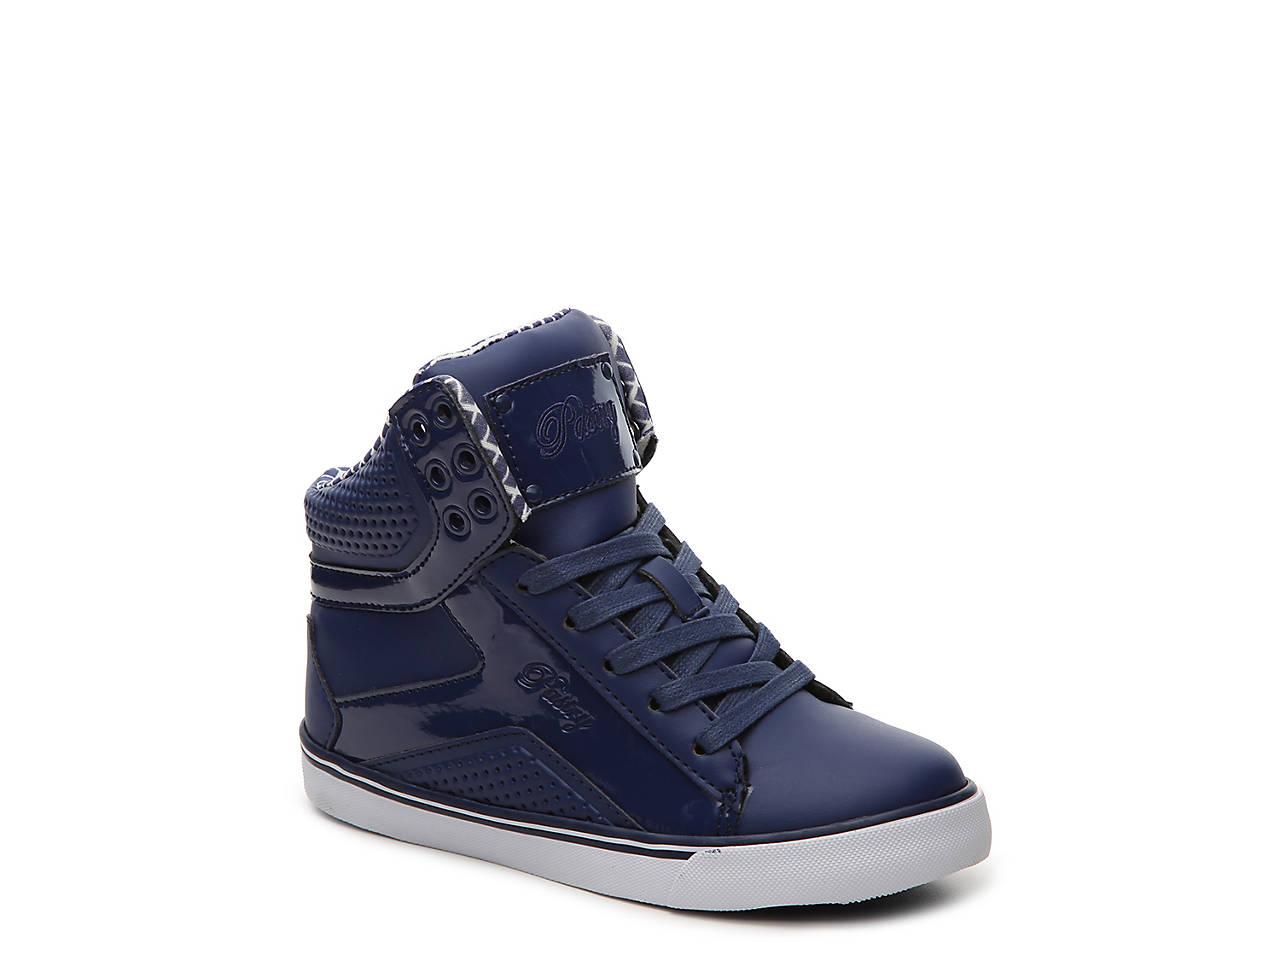 0546840d359 Pop Tart Grid Toddler & Youth High-Top Sneaker